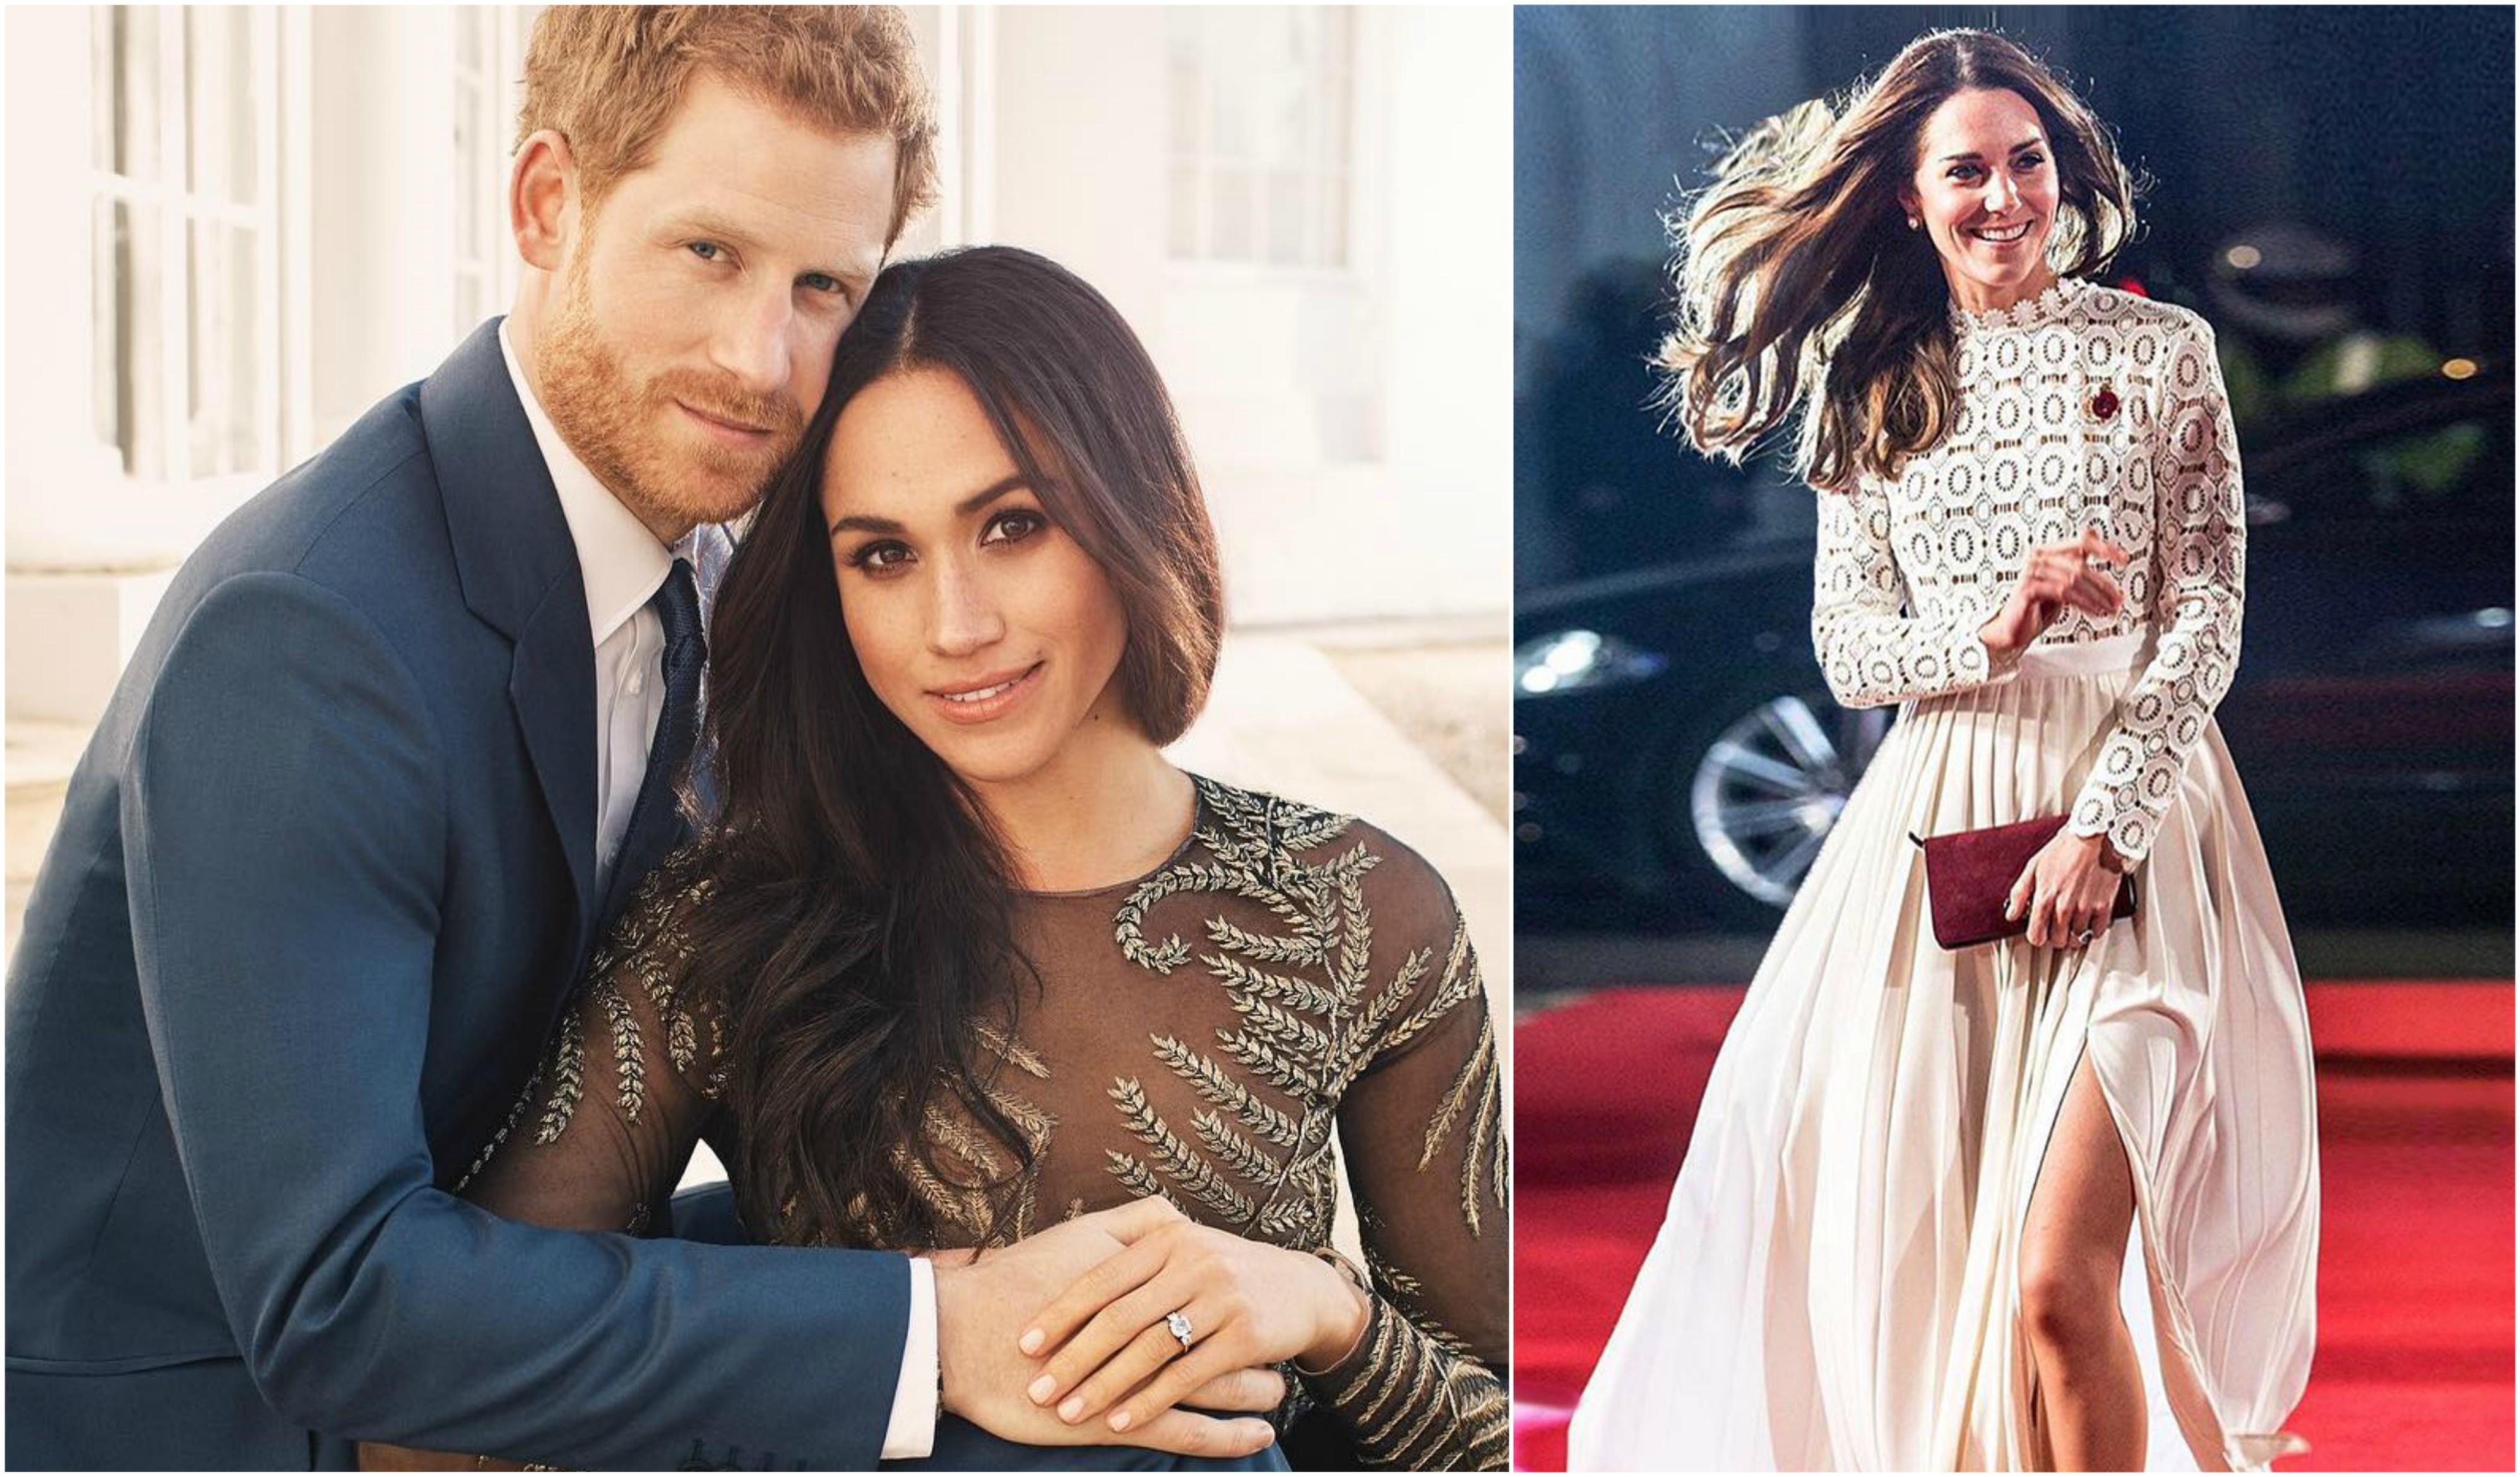 Príncipe Harry e Meghan Markle celebram primeiro Natal juntos